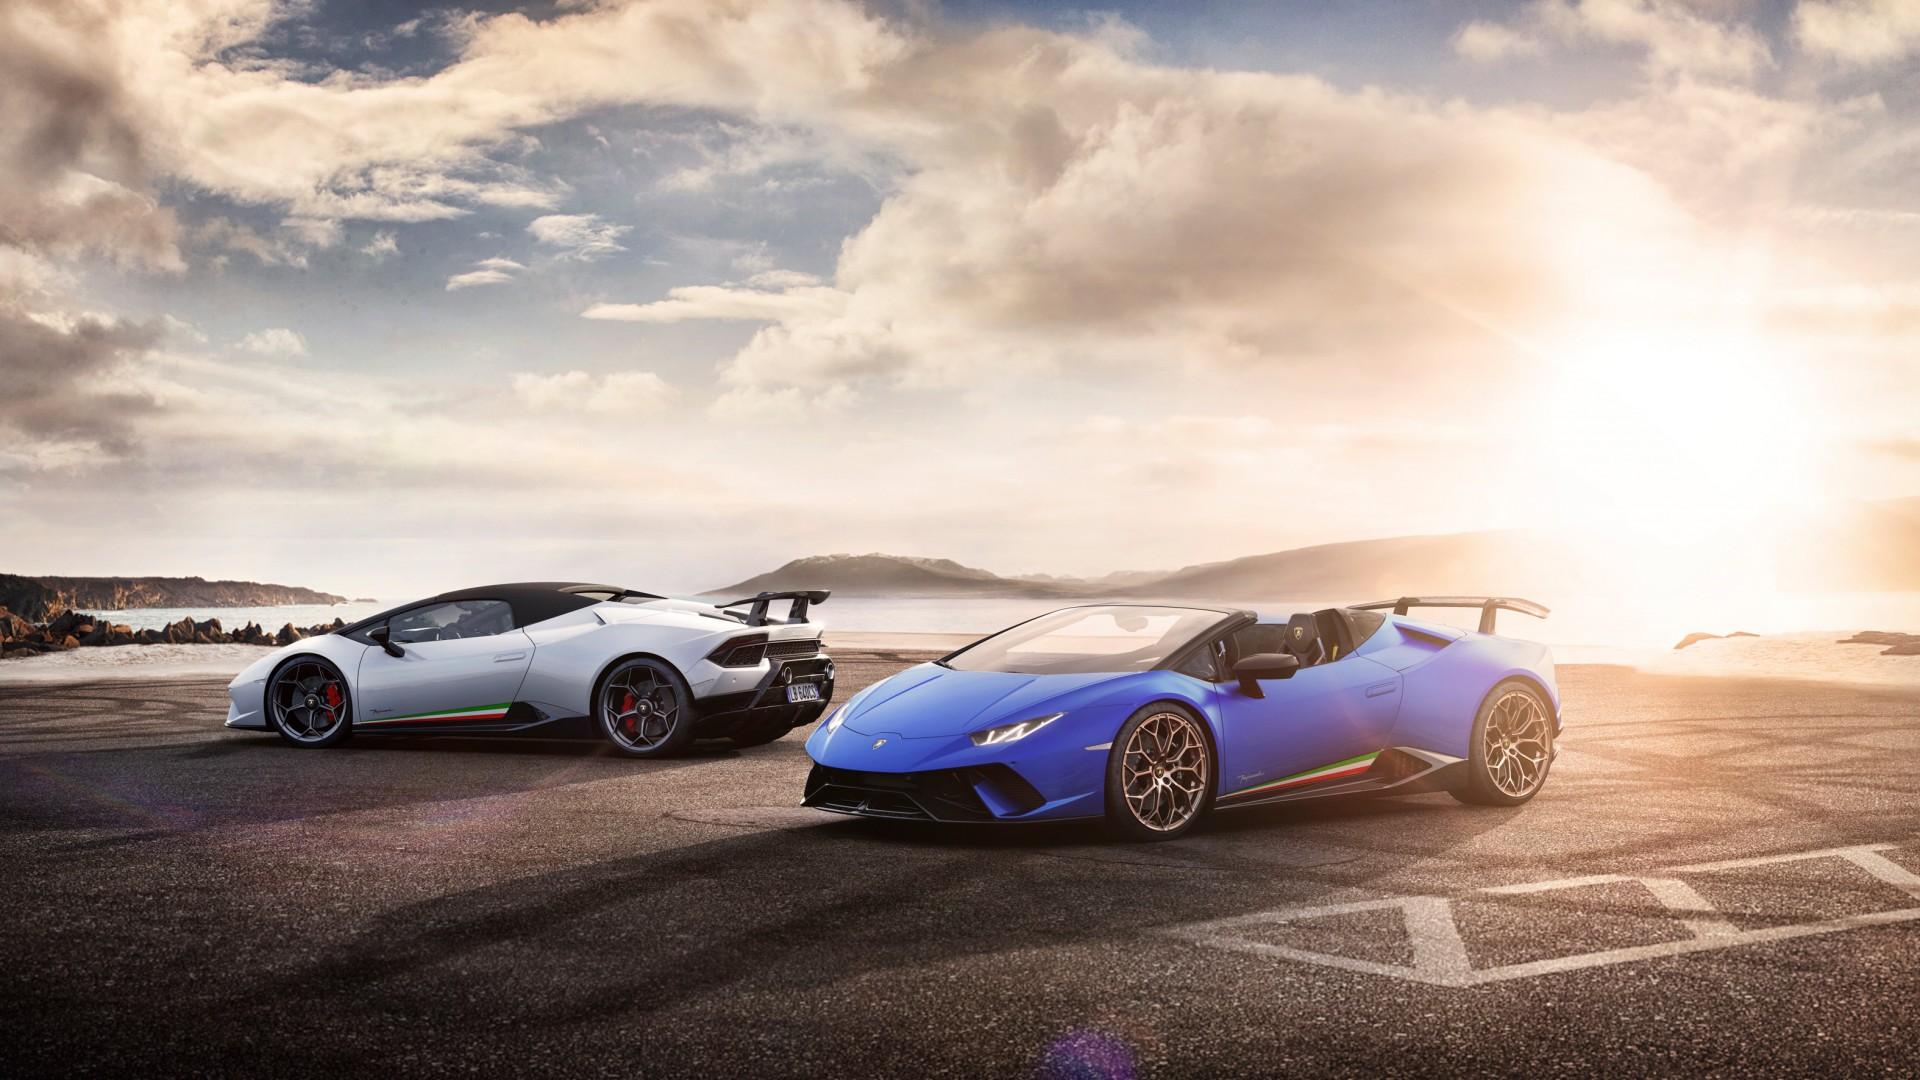 2018 Best Car Wallpapers: 2018 Lamborghini Huracan Perfomante Spyder 5 Wallpaper